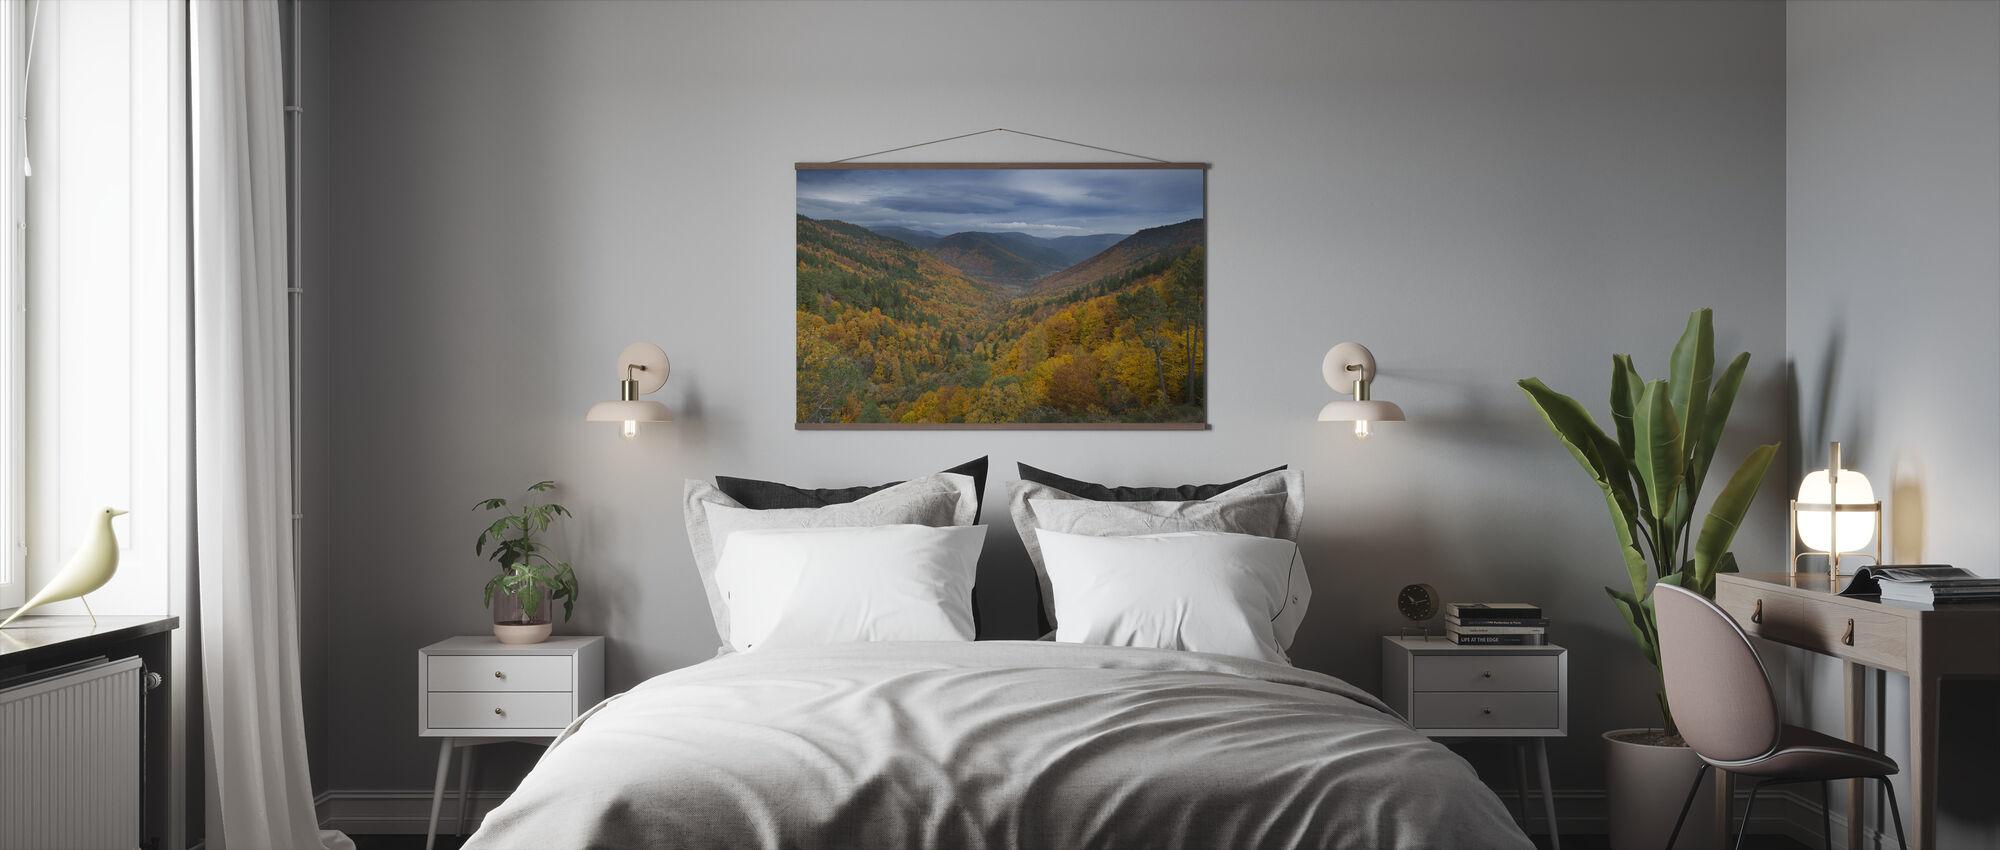 Skog i Estrela fjellkjede - Plakat - Soverom